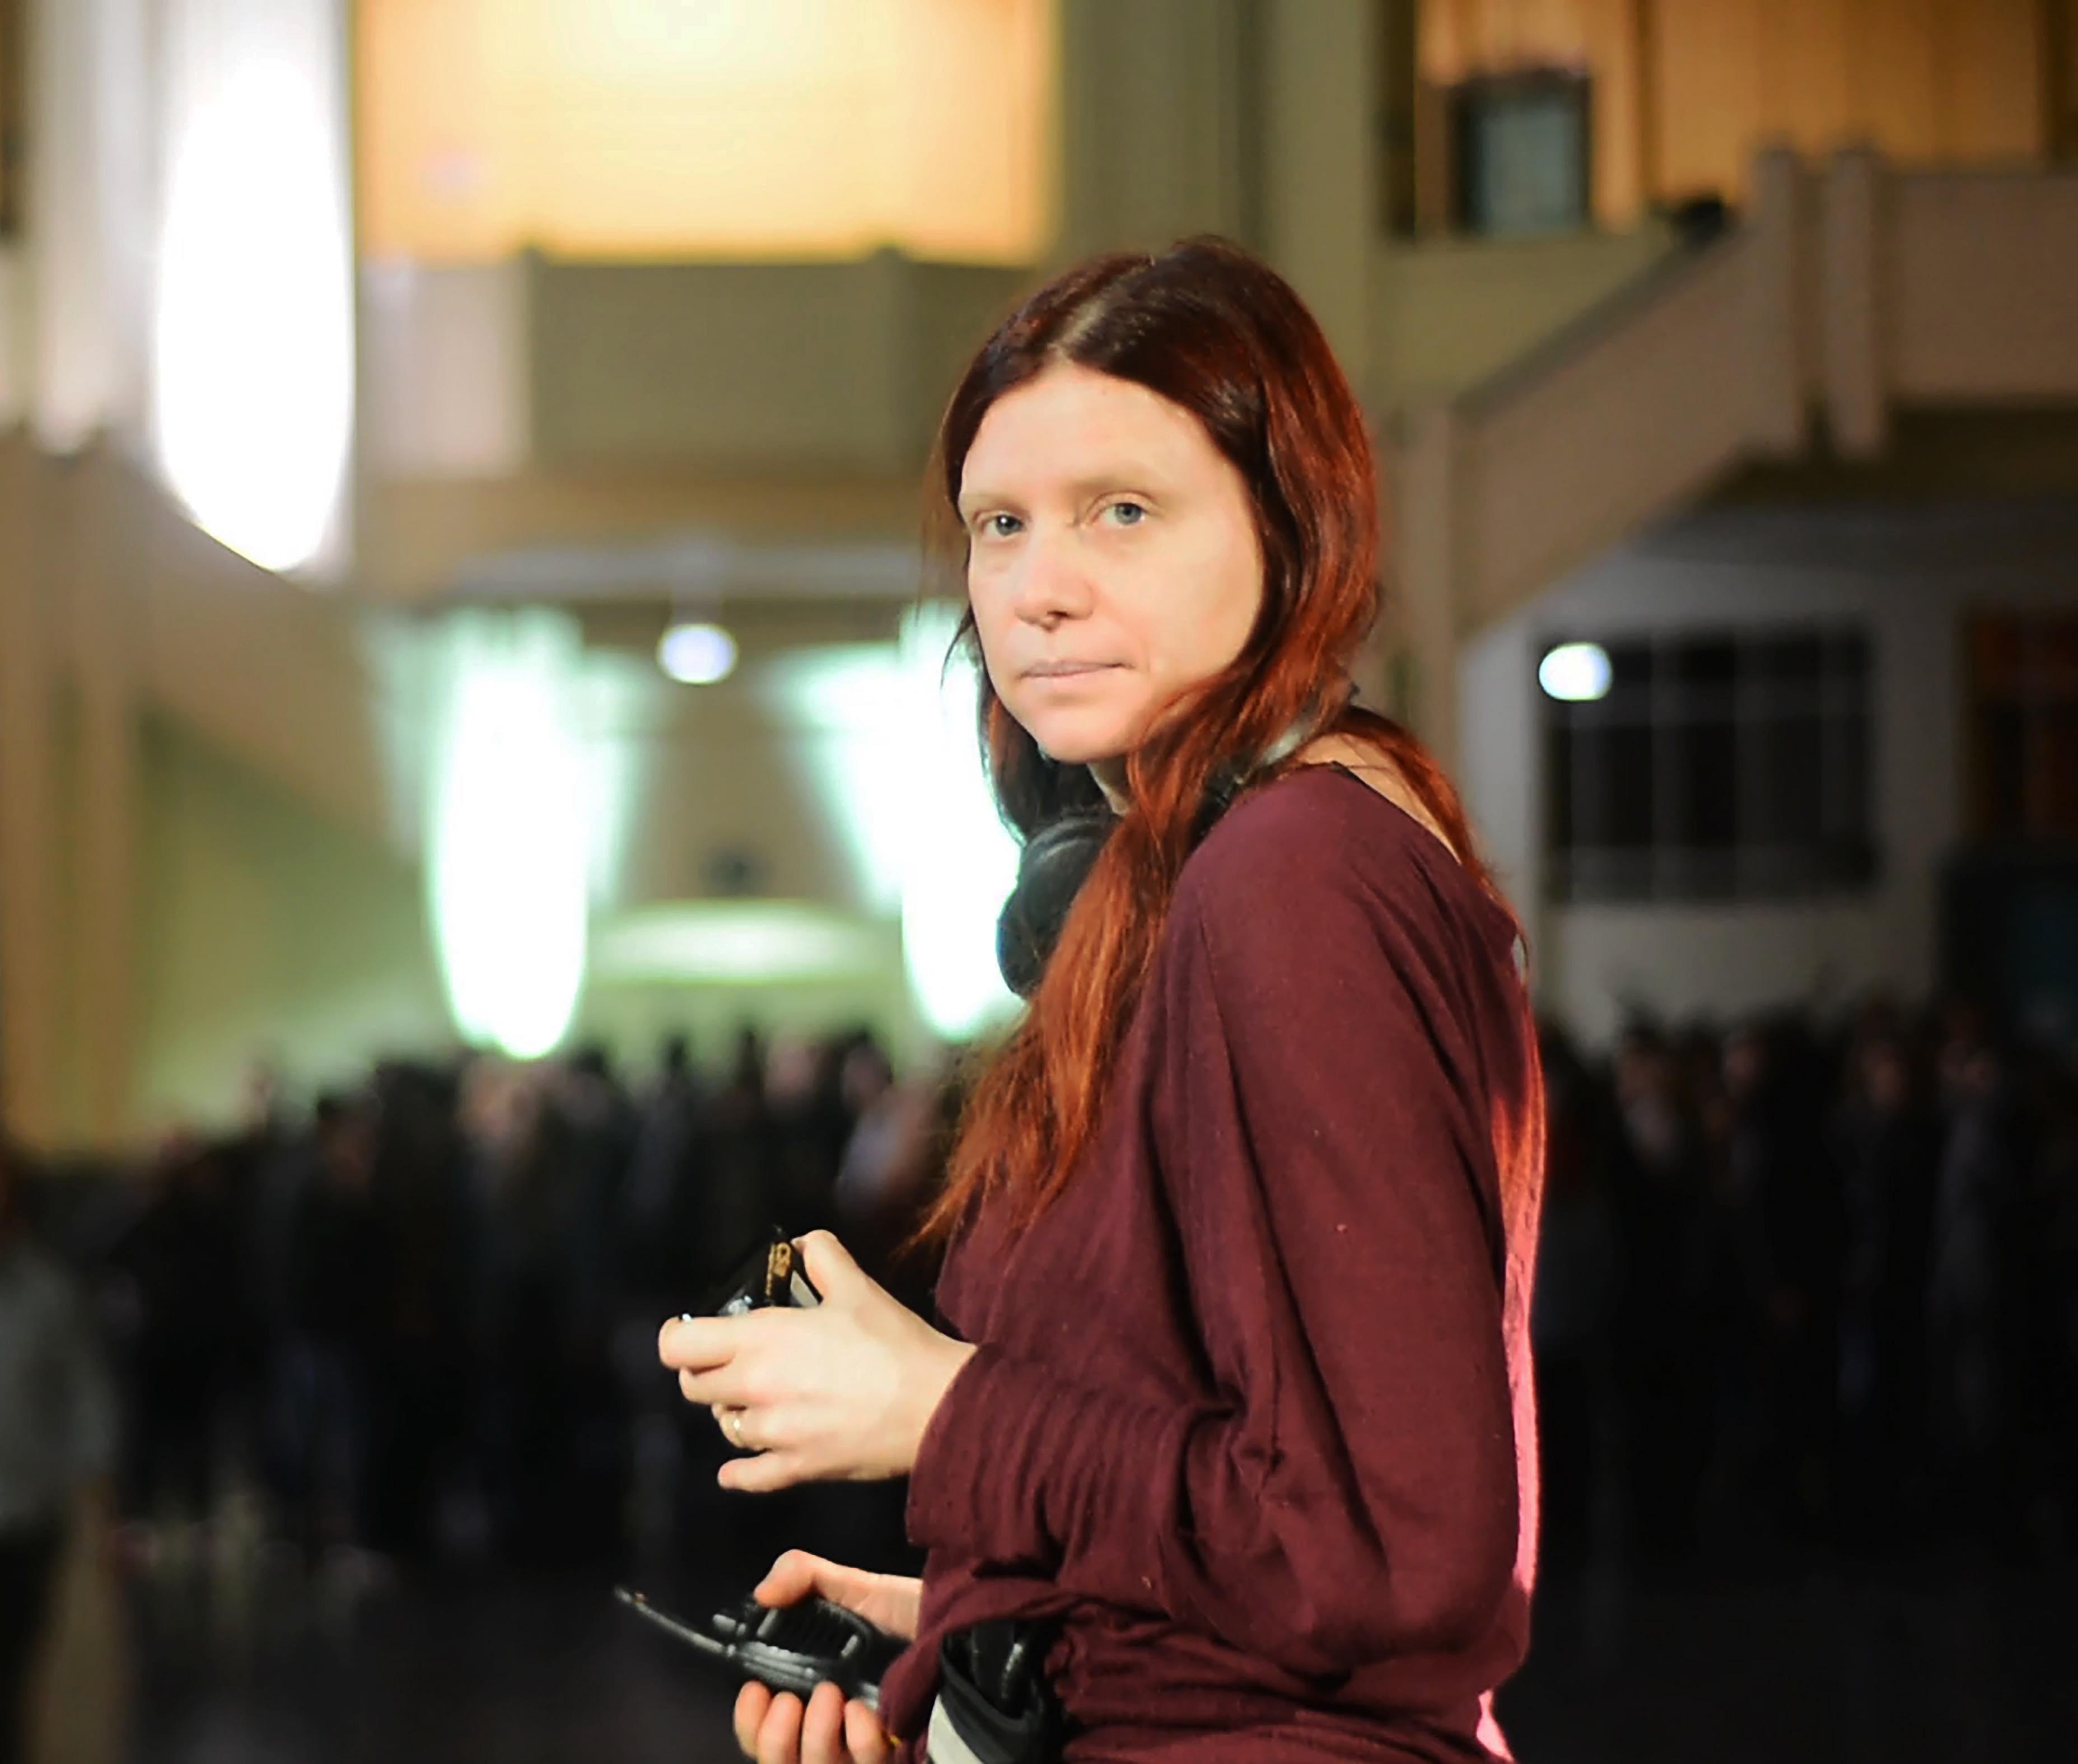 La regista, Susanna Nicchiarelli